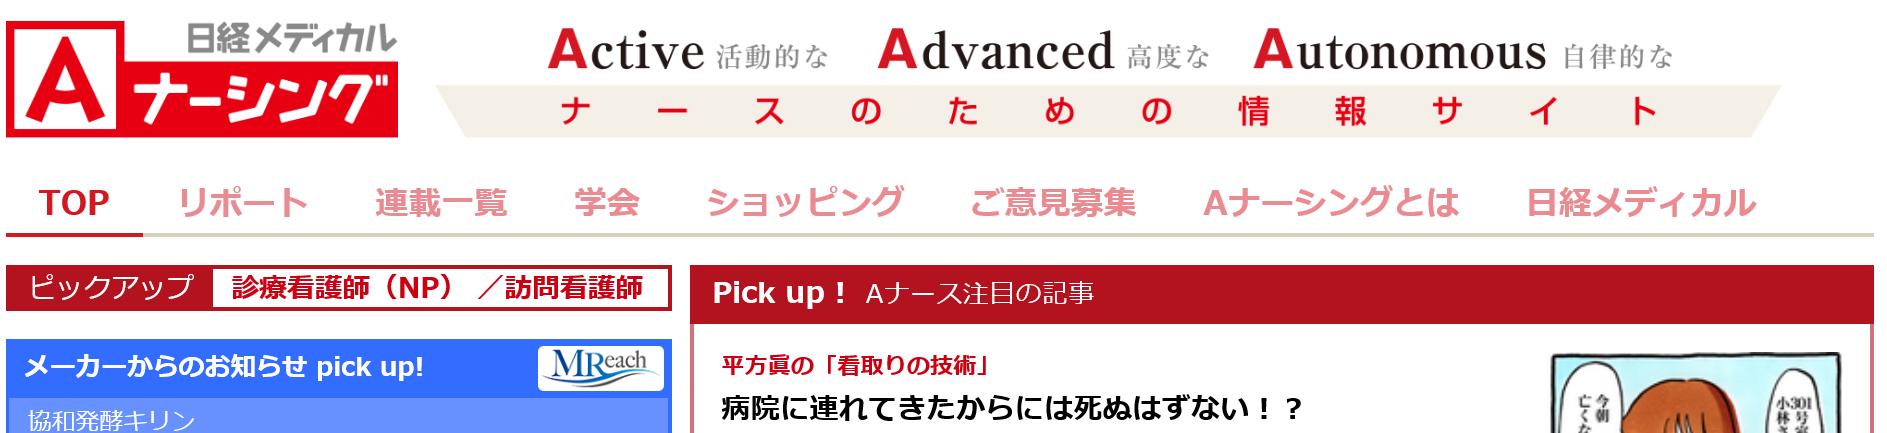 日経Aナーシング連載中_e0255123_139430.png